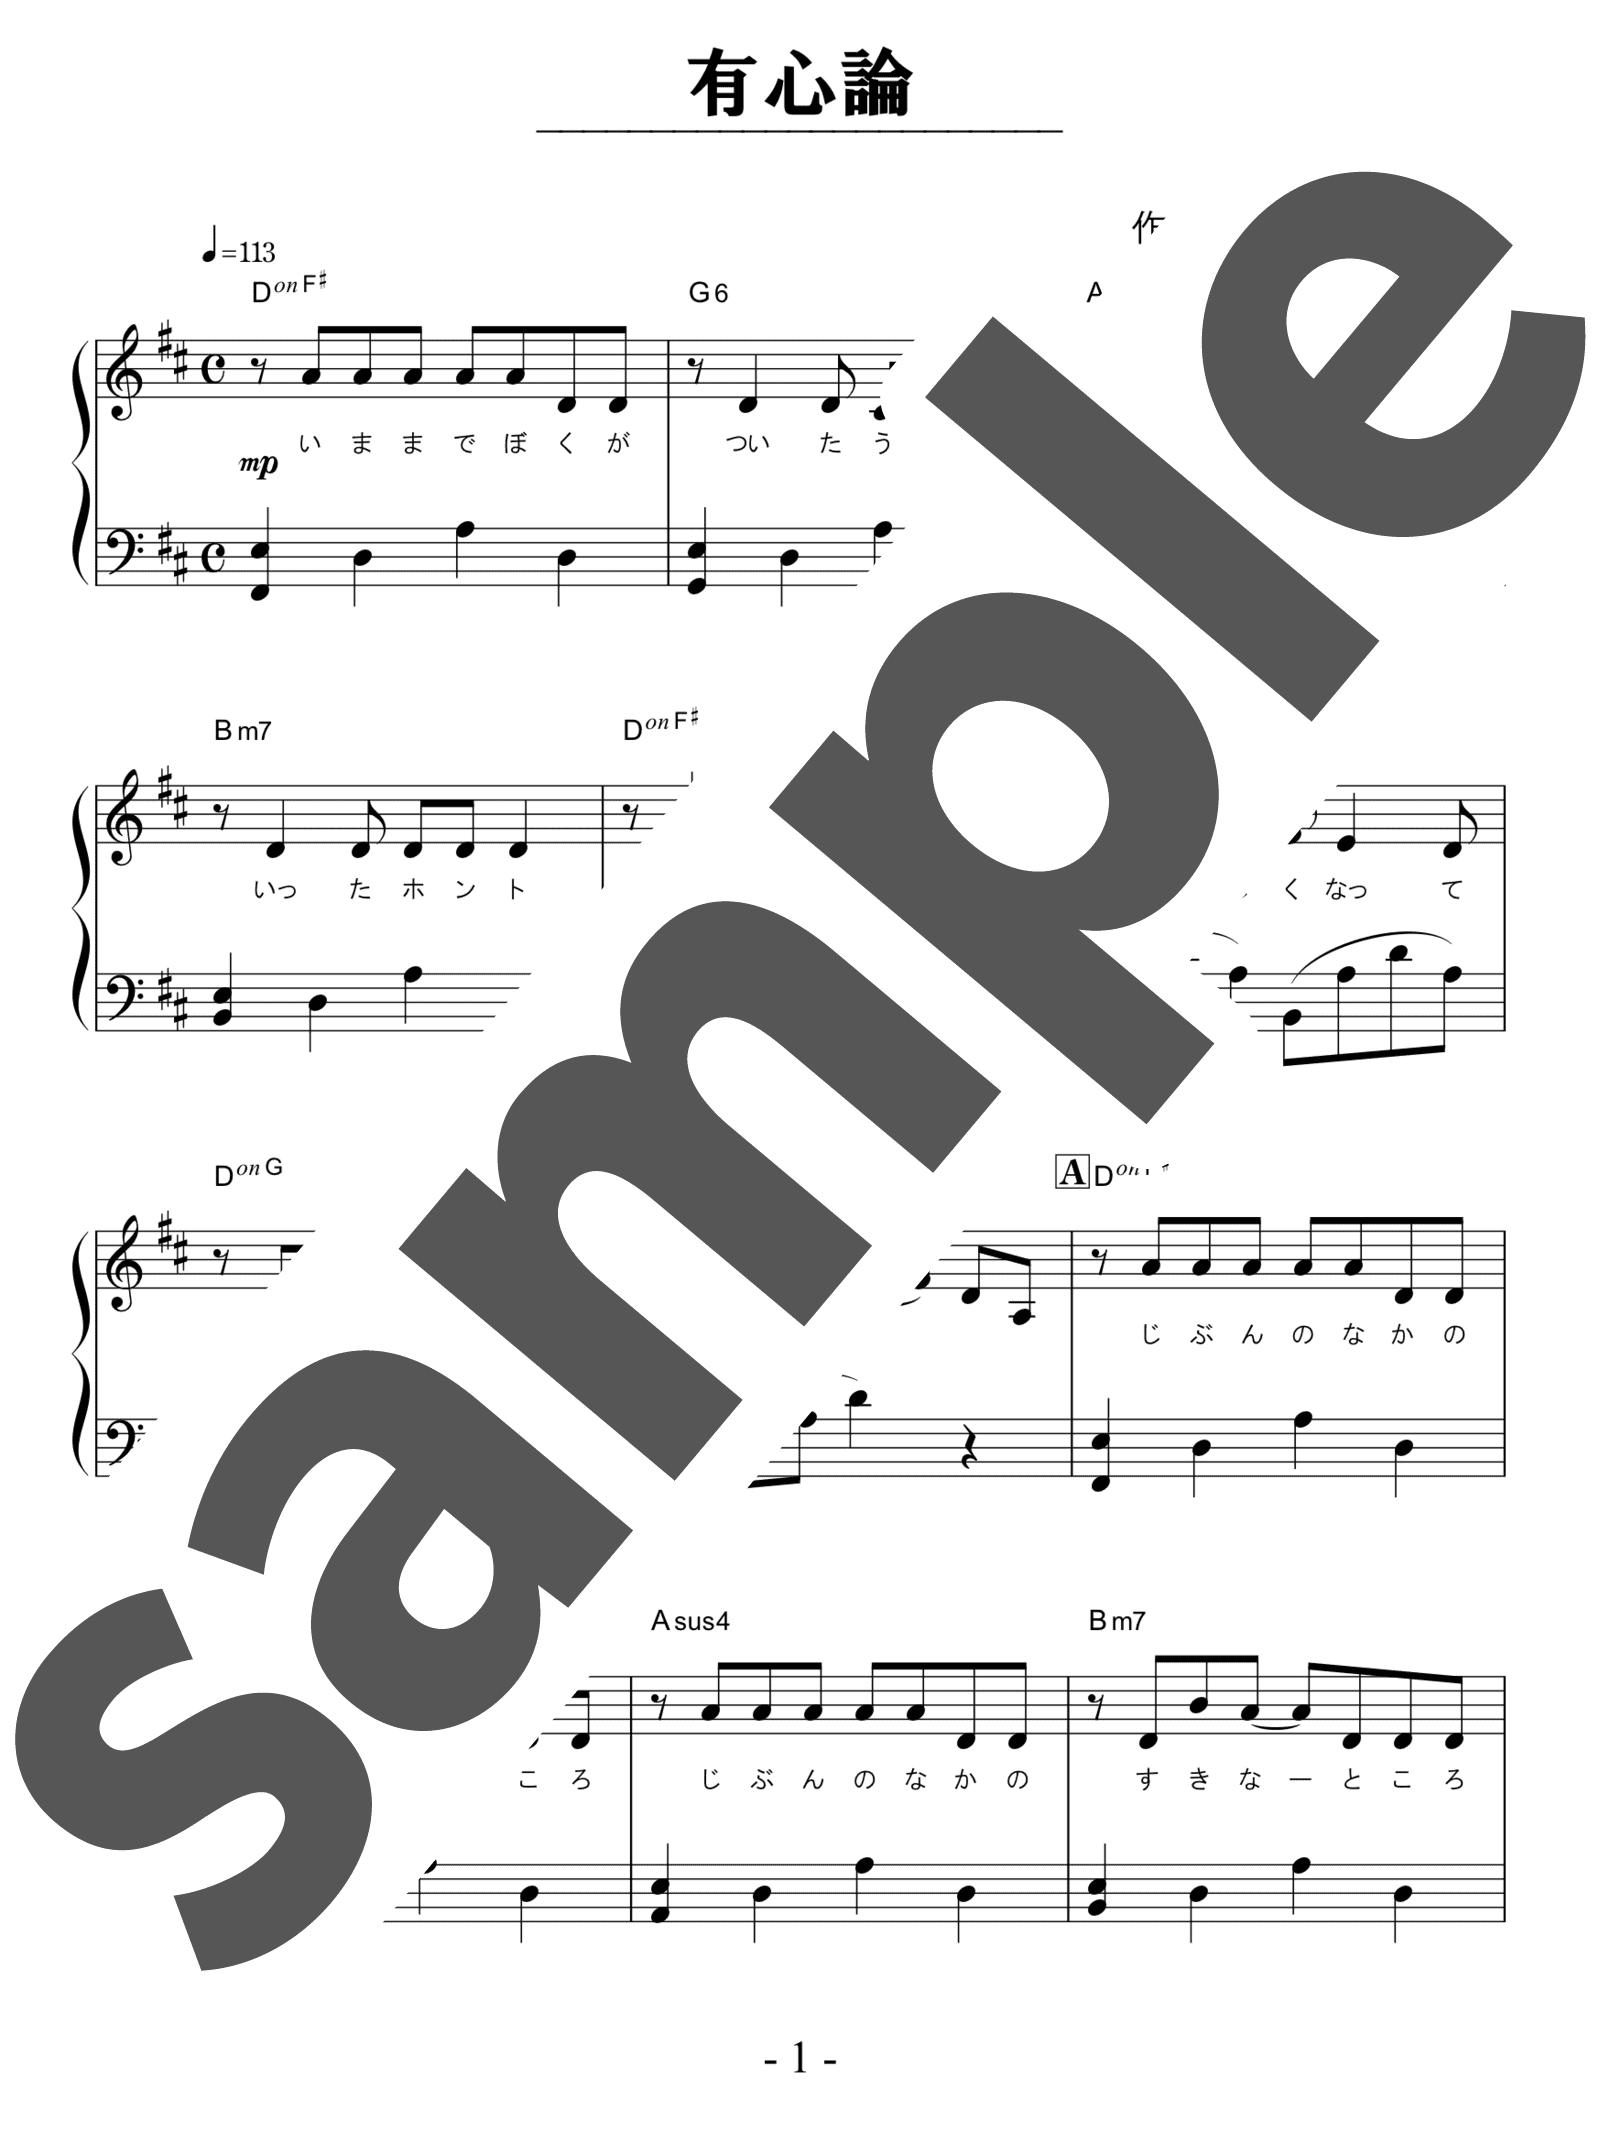 「有心論」のサンプル楽譜